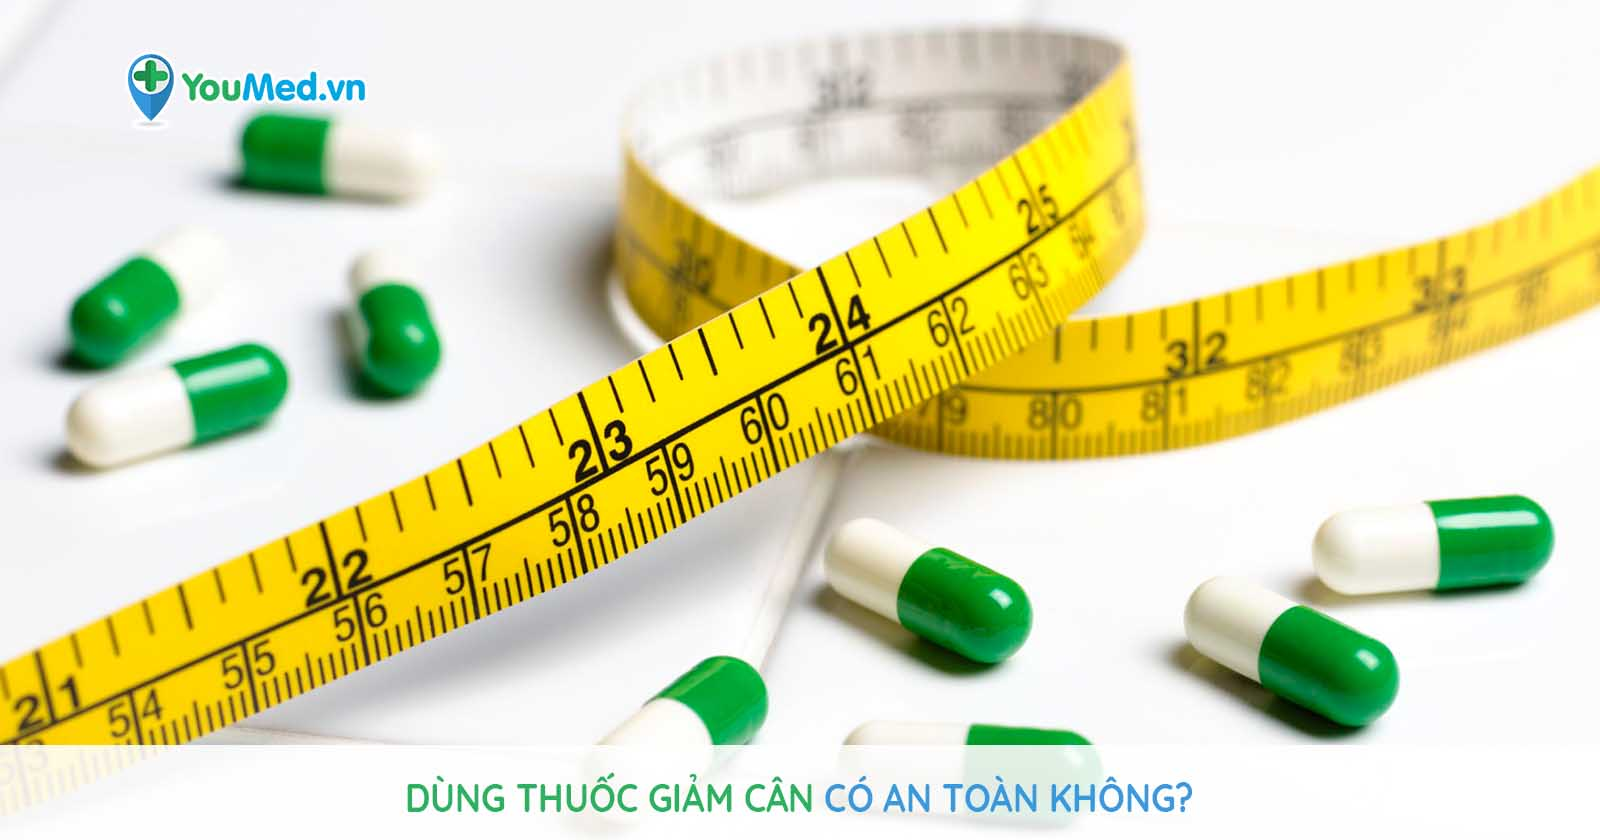 Thuốc giảm cân có an toàn để sử dụng?